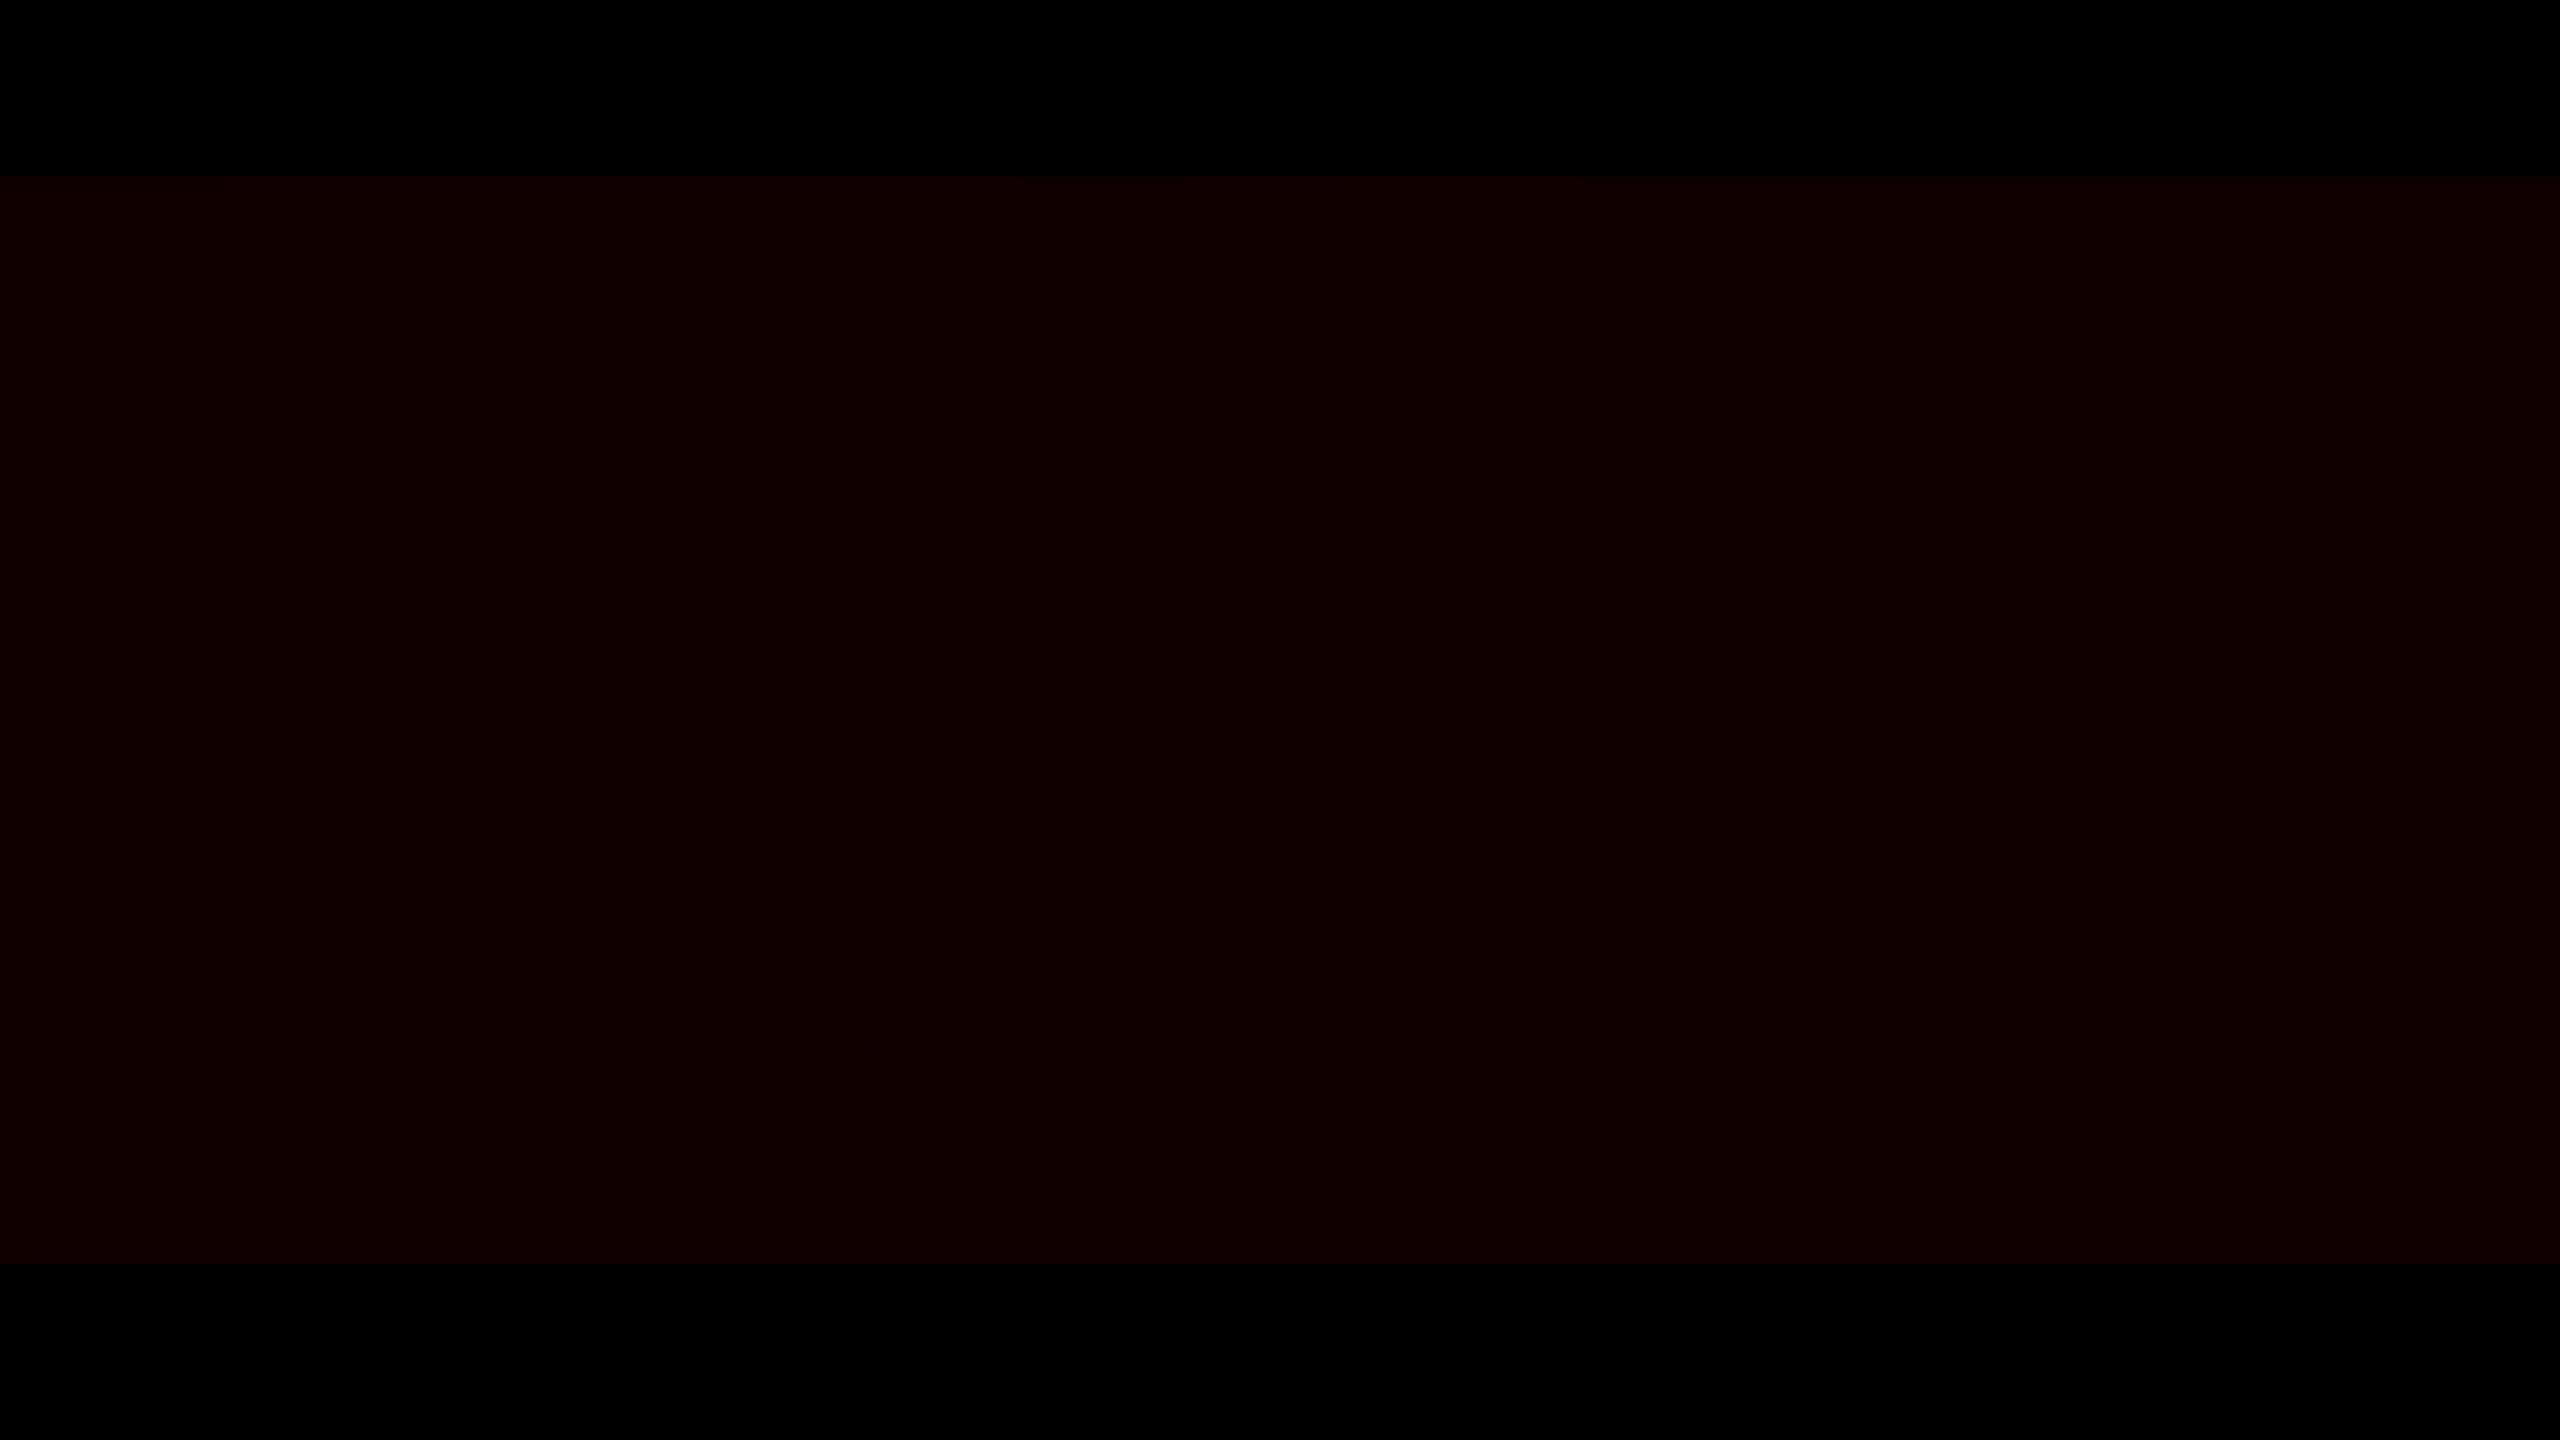 Hà Thu khoe giọng hát ngọt trong MV đón Tết 2018